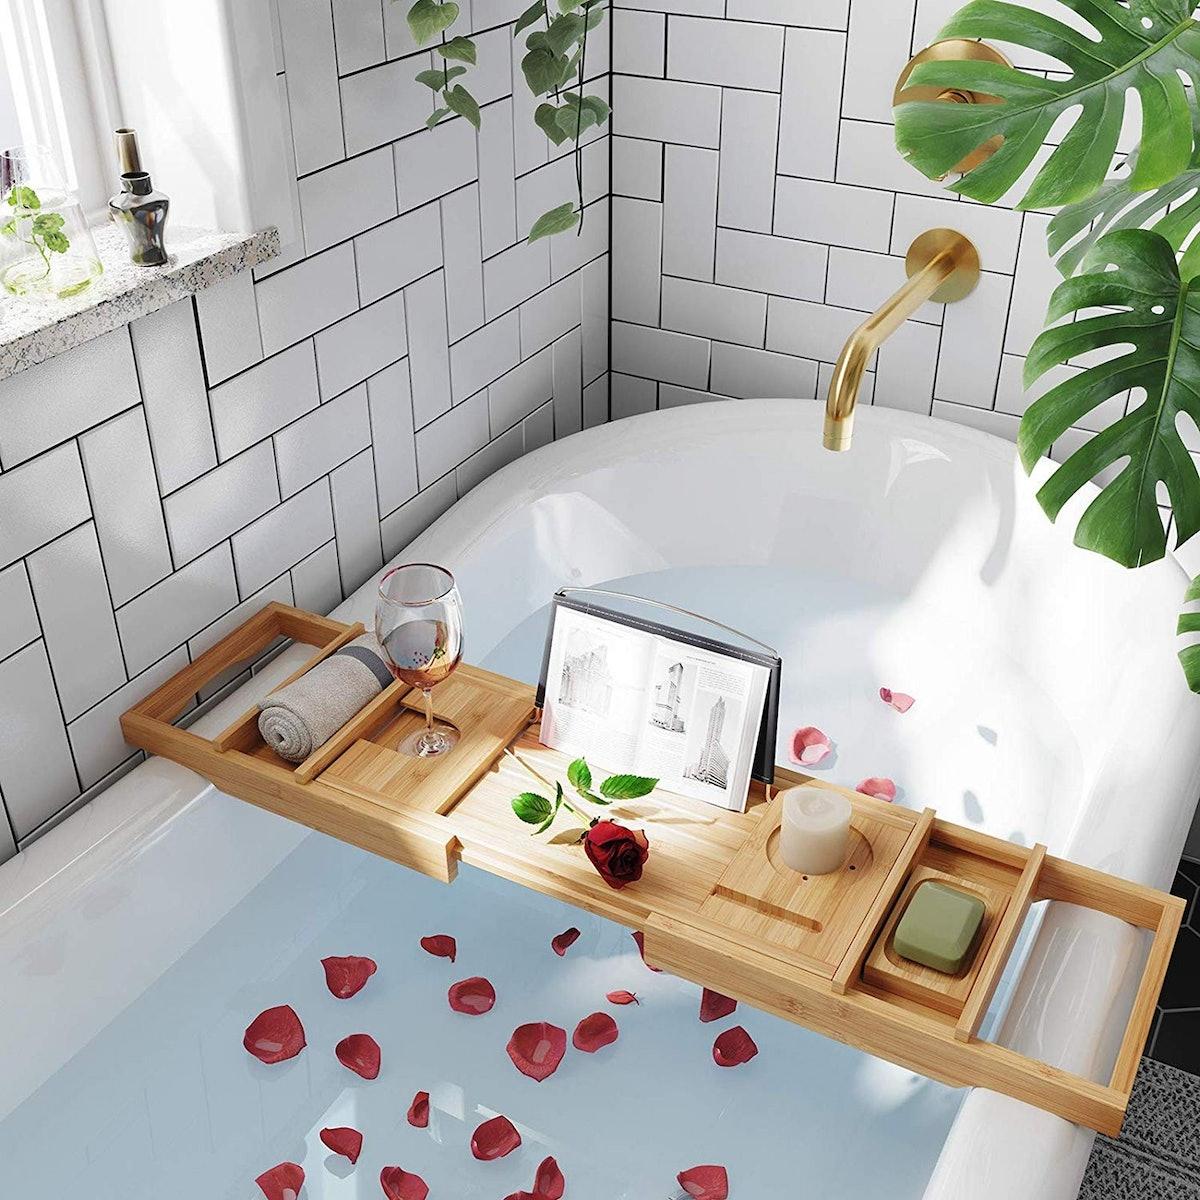 SONGMICS Extendable Bathtub Caddy